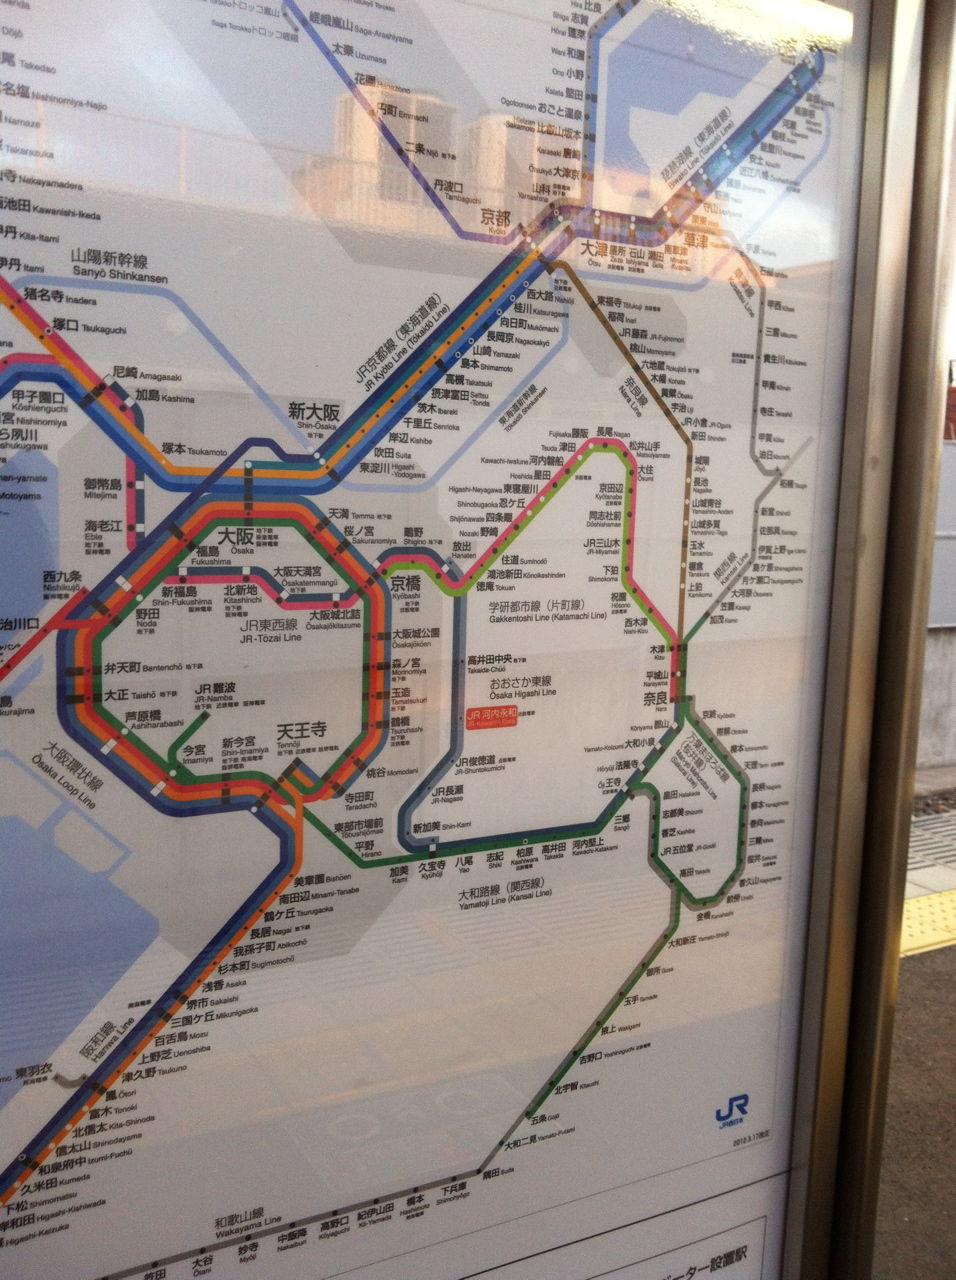 おおさか東線路線図